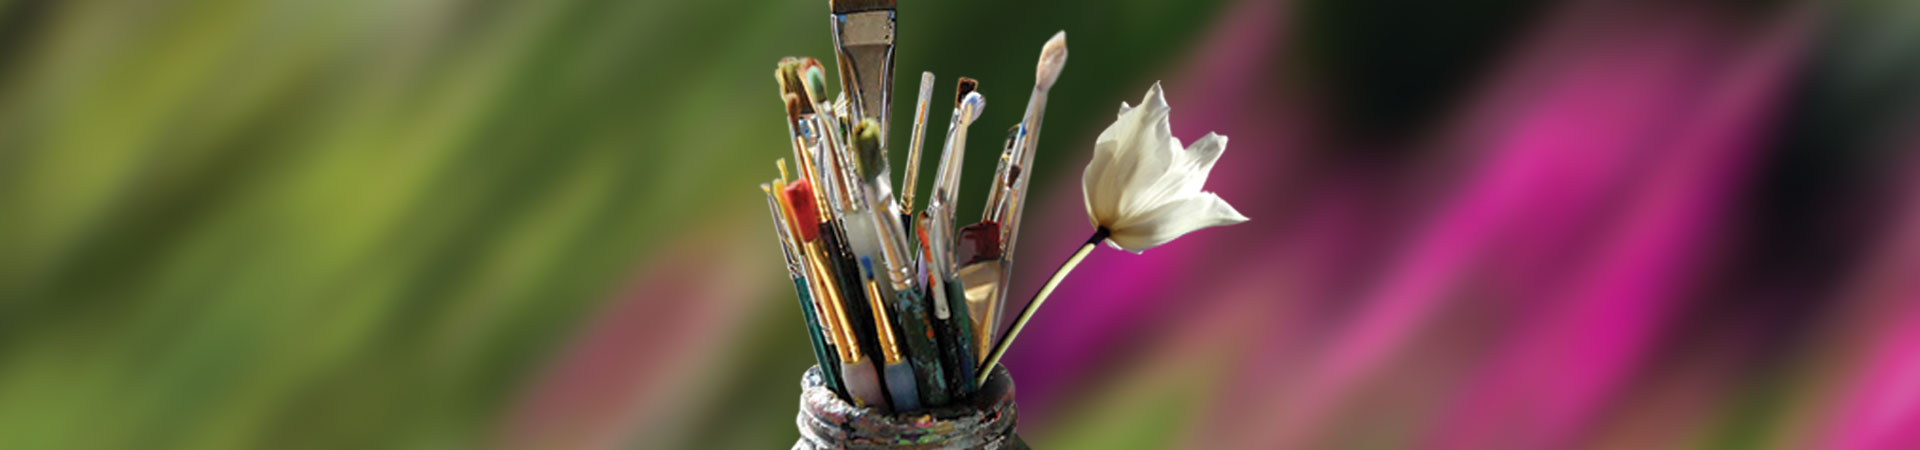 Les passionnés en arts visuels